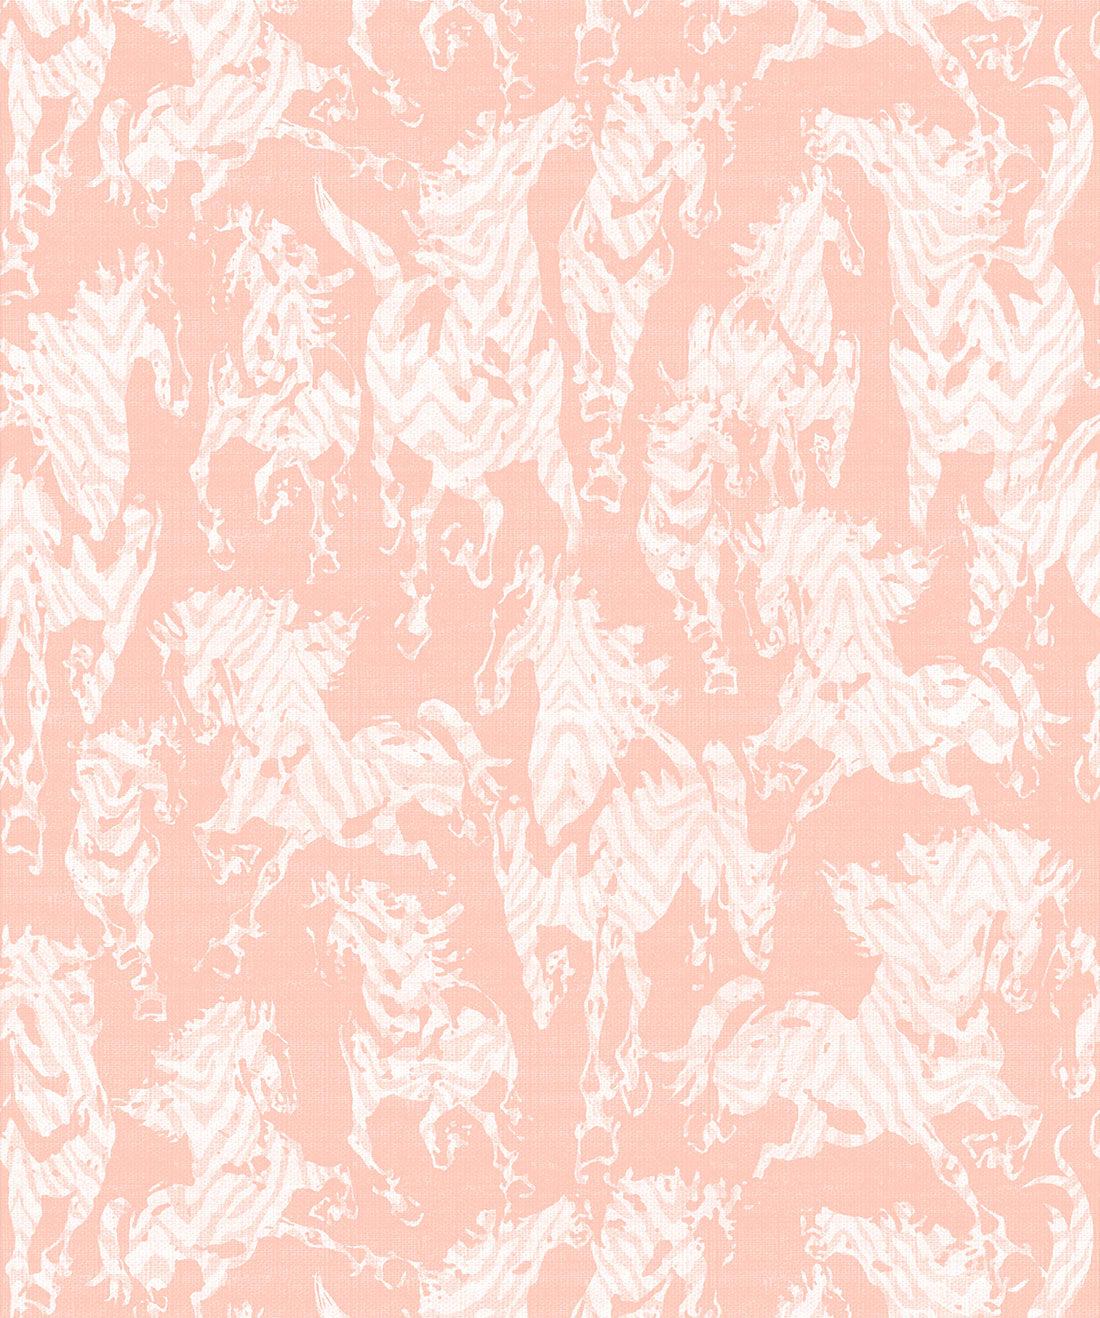 Sixhands - Stampede Wallpaper / Terracotta